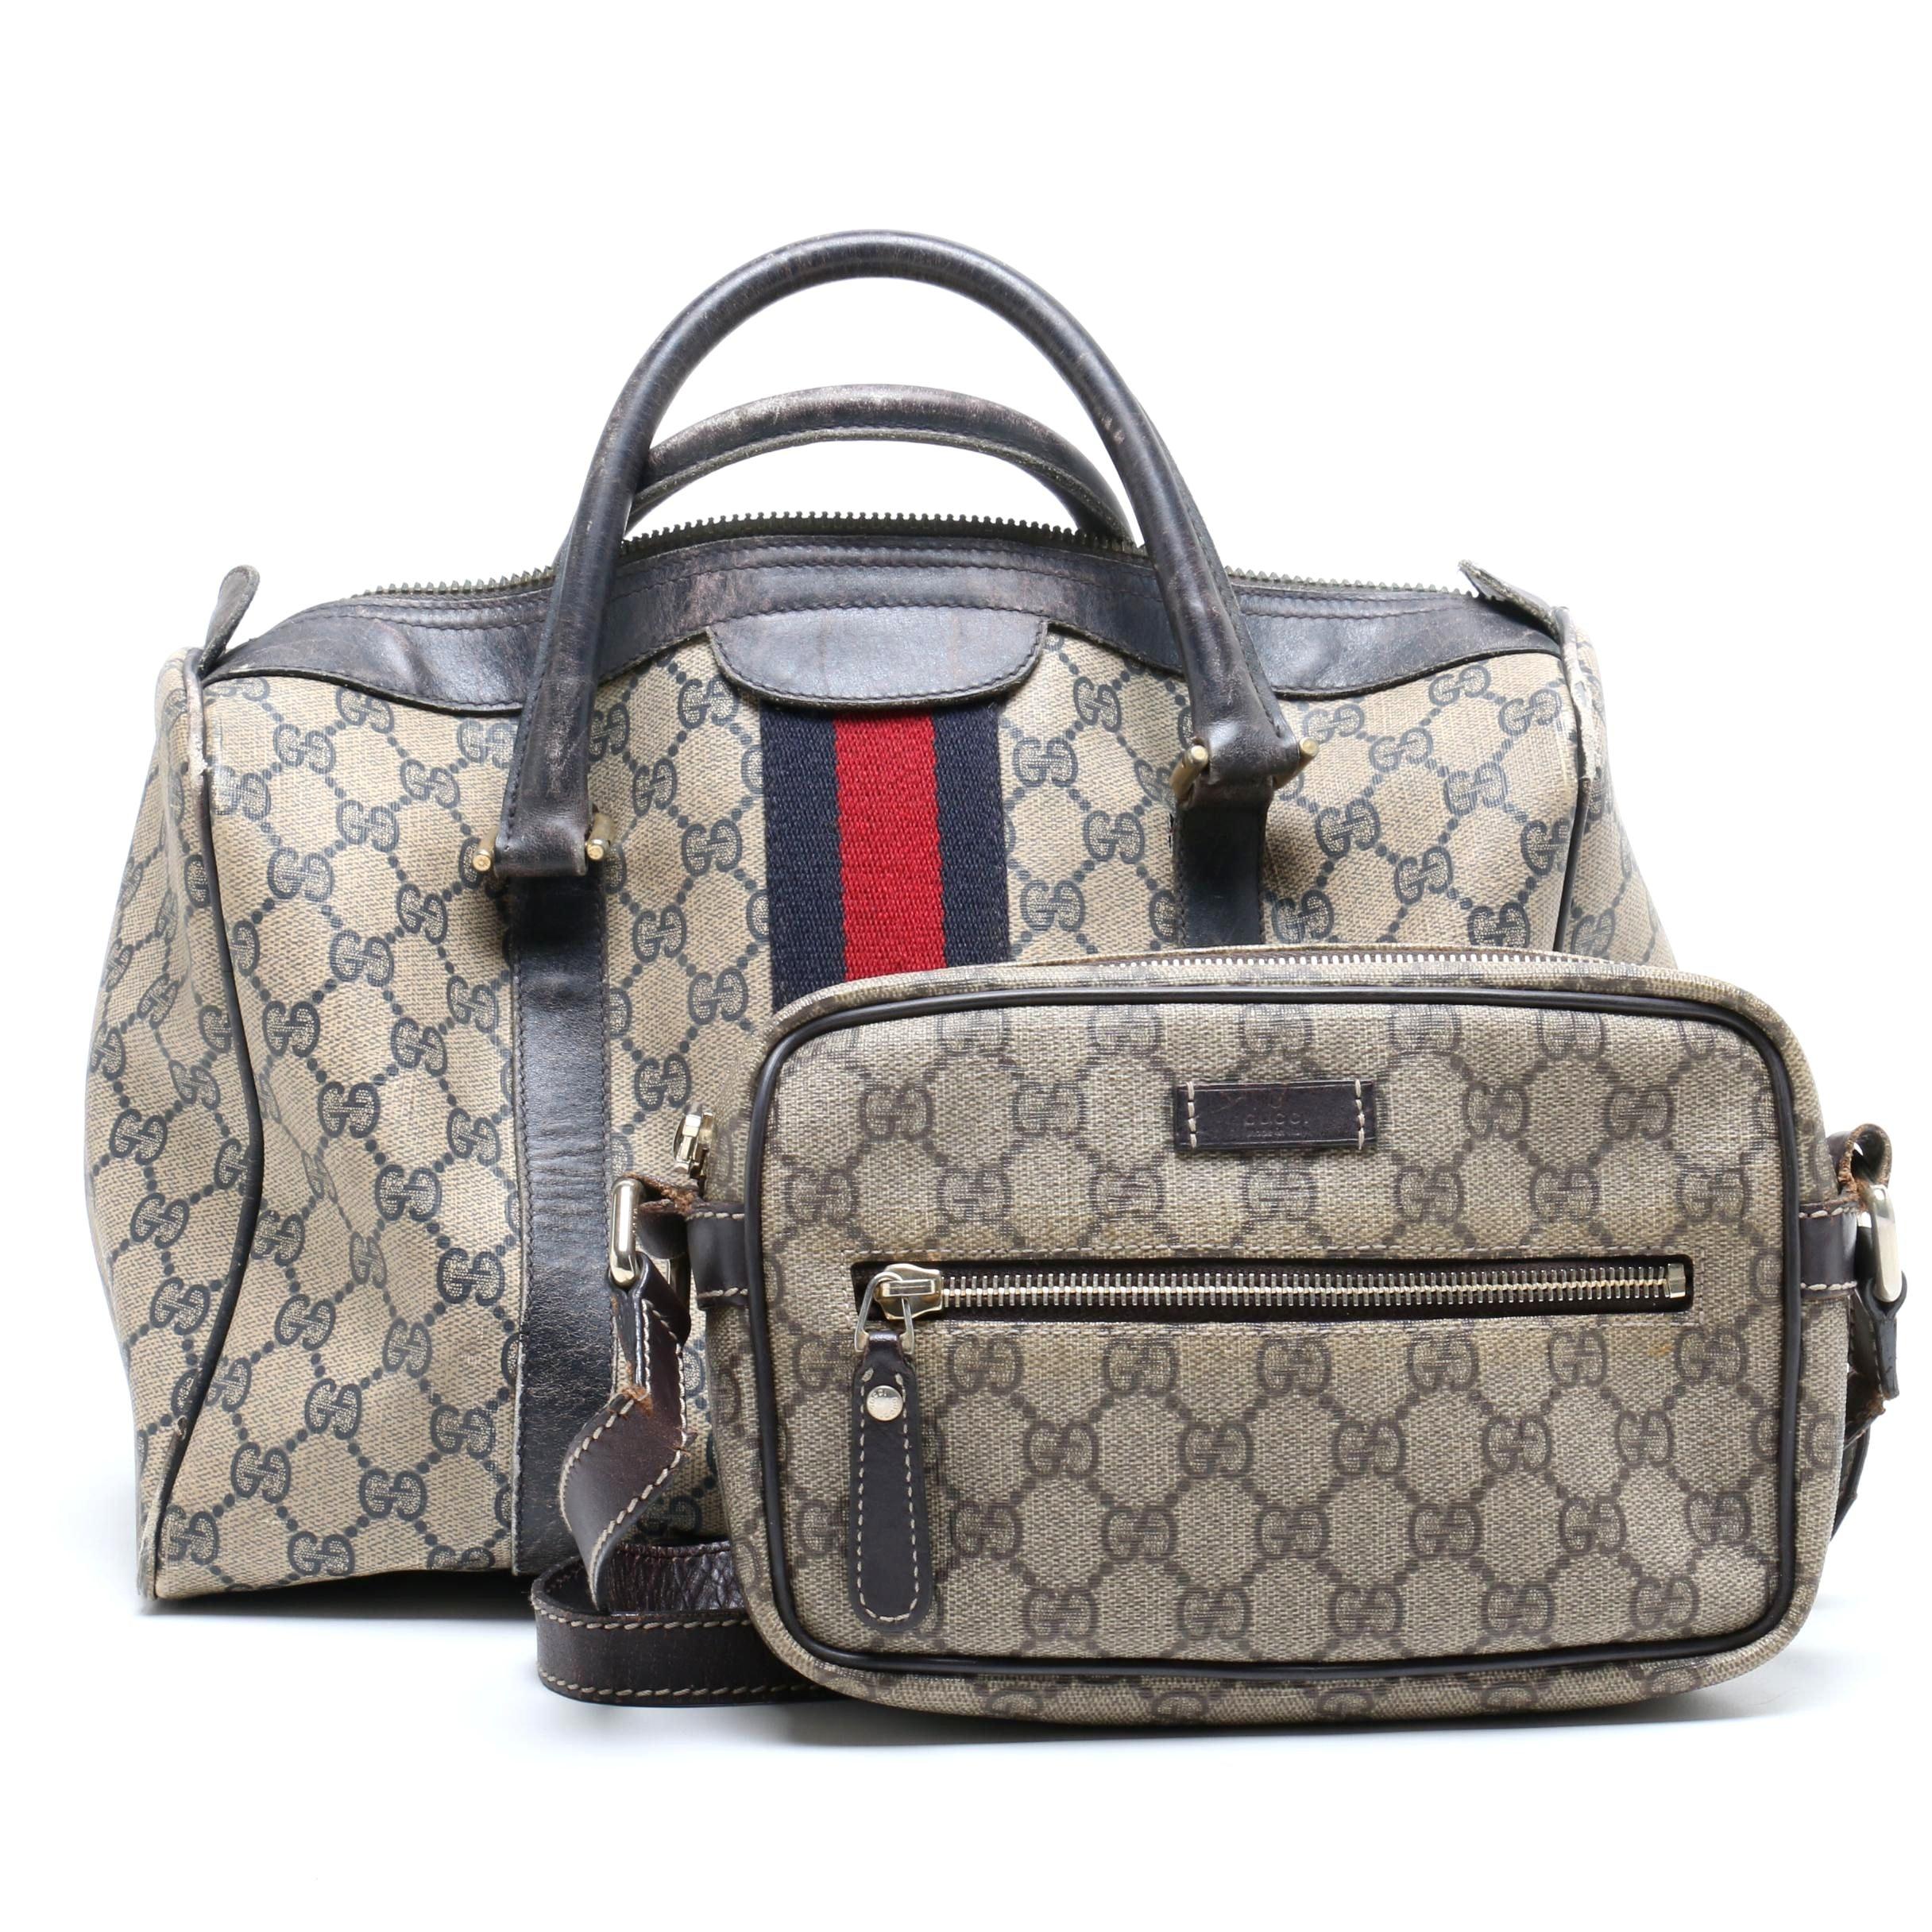 Gucci GG Supreme Canvas Web Stripe Bag and Gucci Supreme Canvas Crossbody